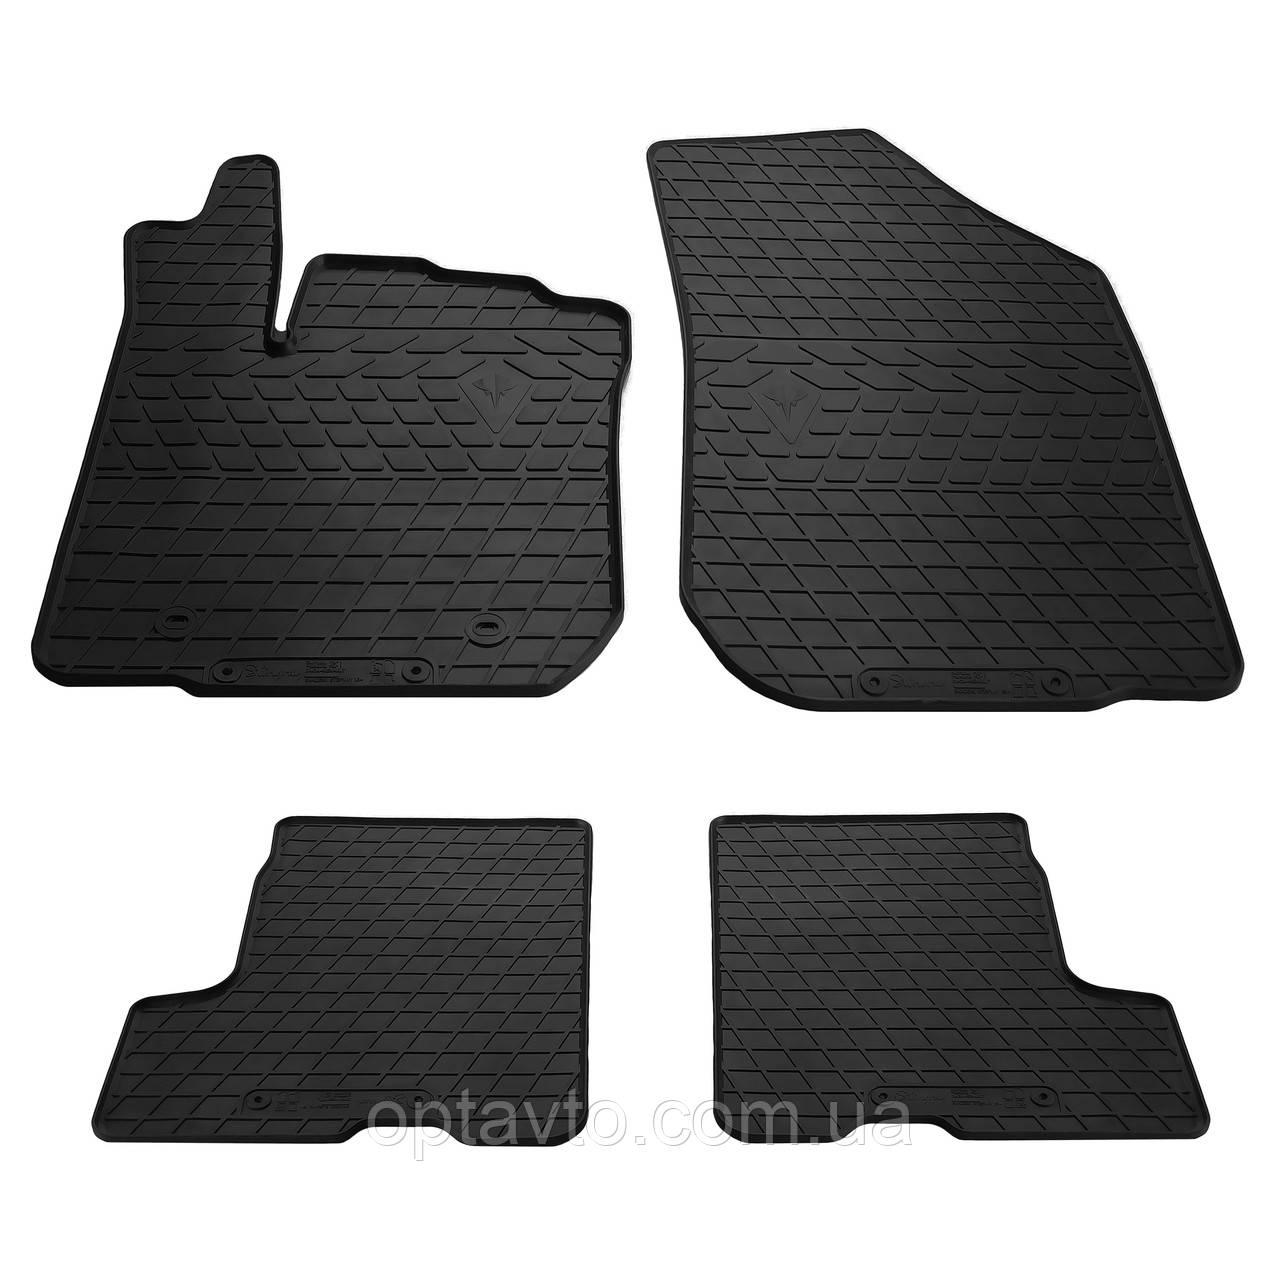 RENAULT Sandero Stepway  - комплект качественных резиновых ковриков. Комплект 4 шт. (2012-2020)